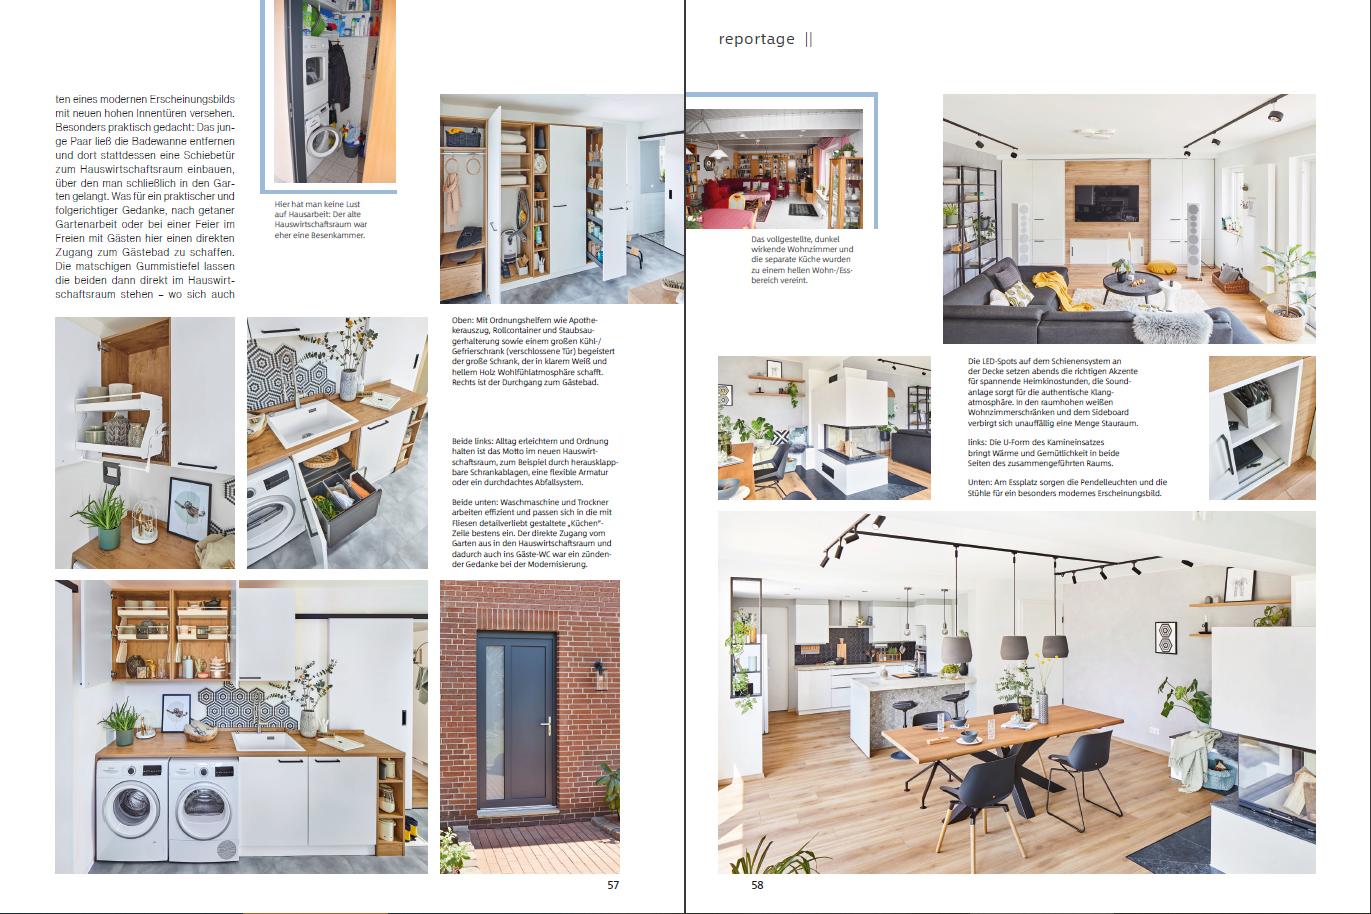 InVIDO Reportage GenerationY Haus Umbau